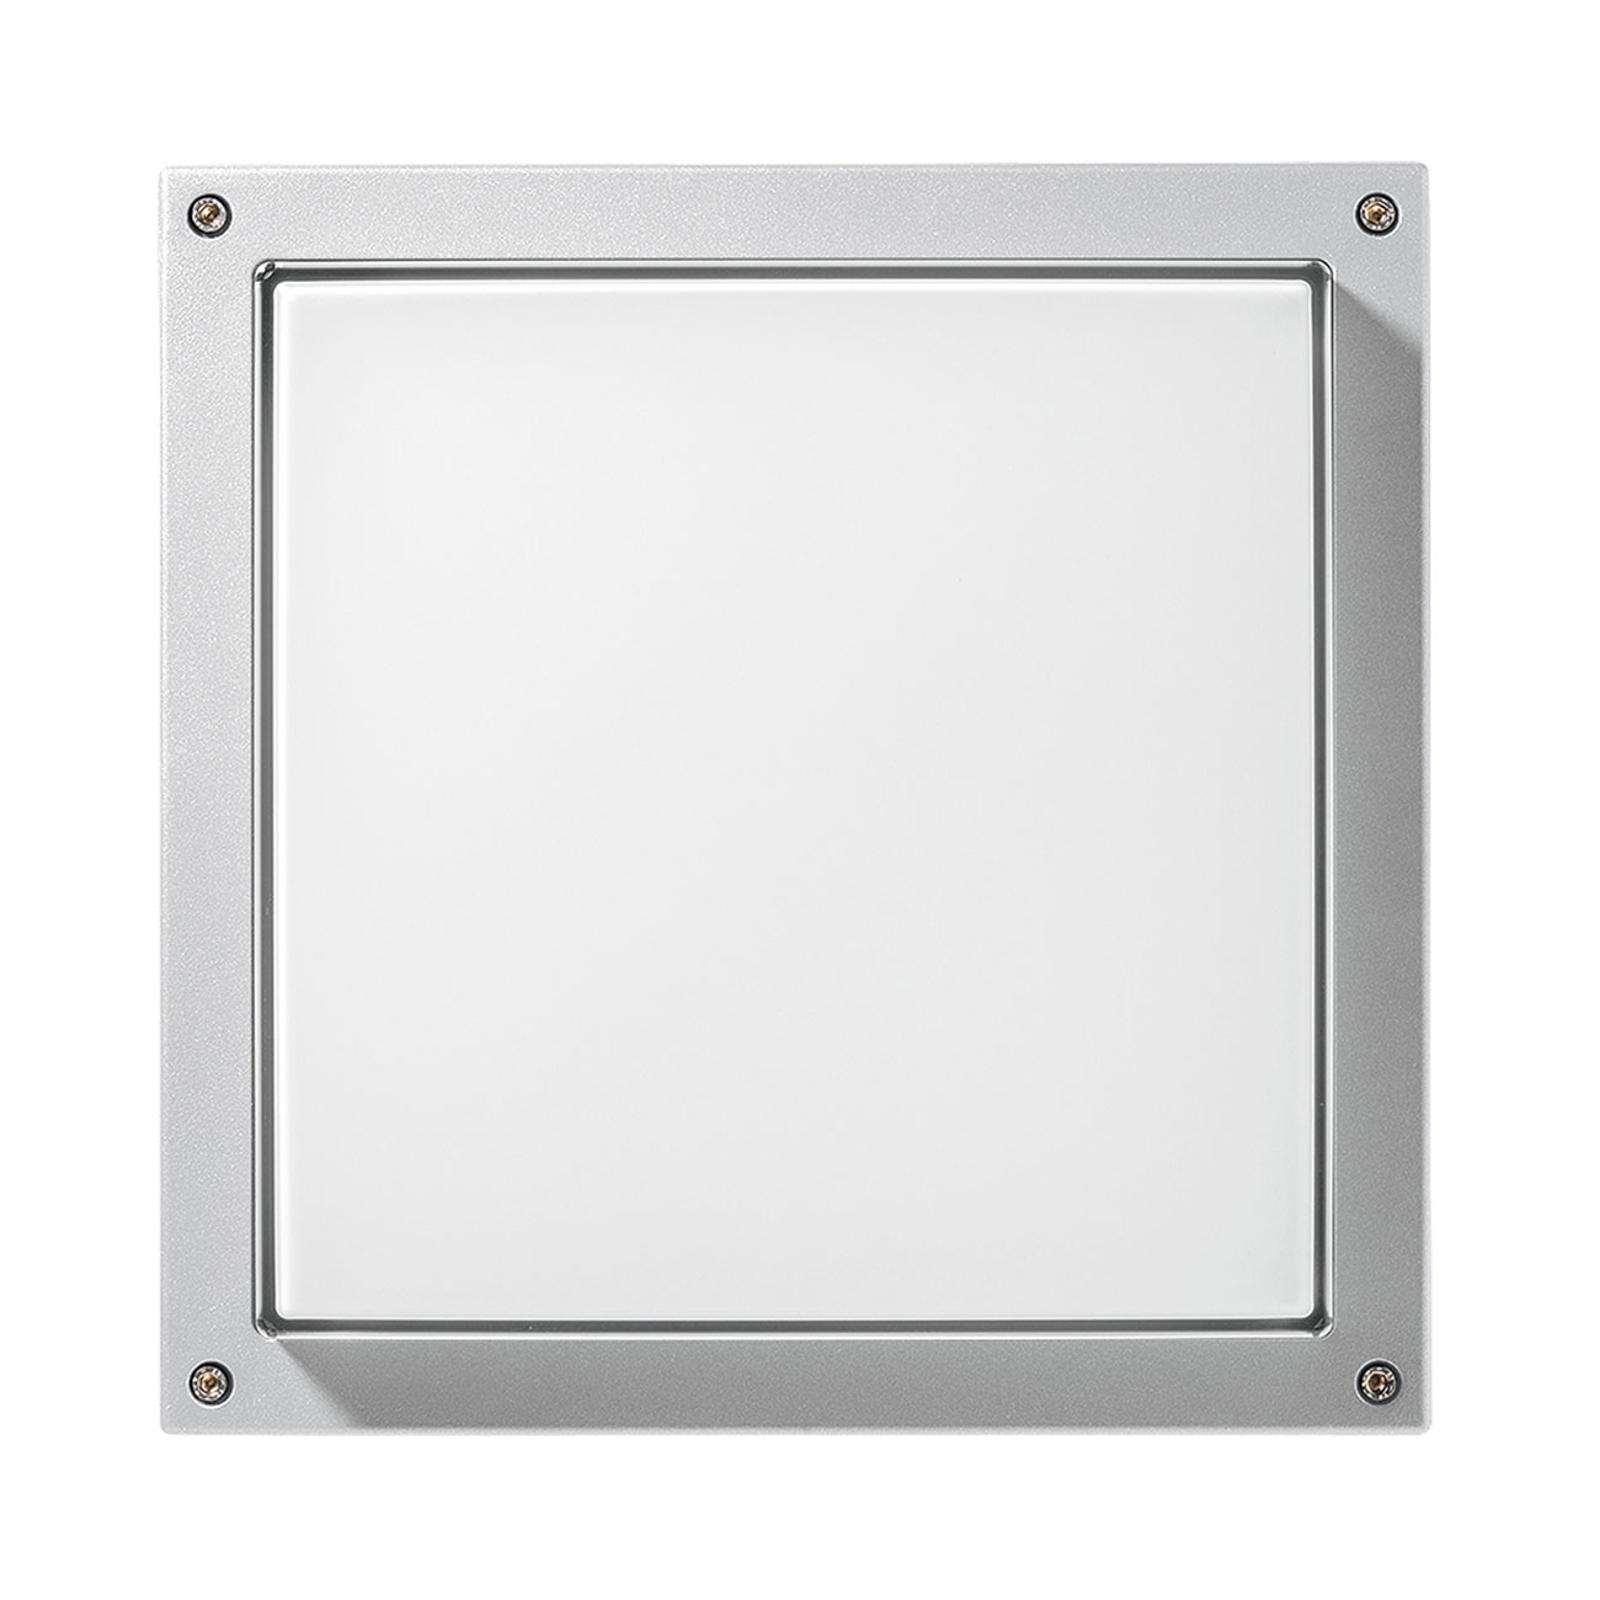 Seinälamppu Bliz Square 40, 3 000K valkoinen